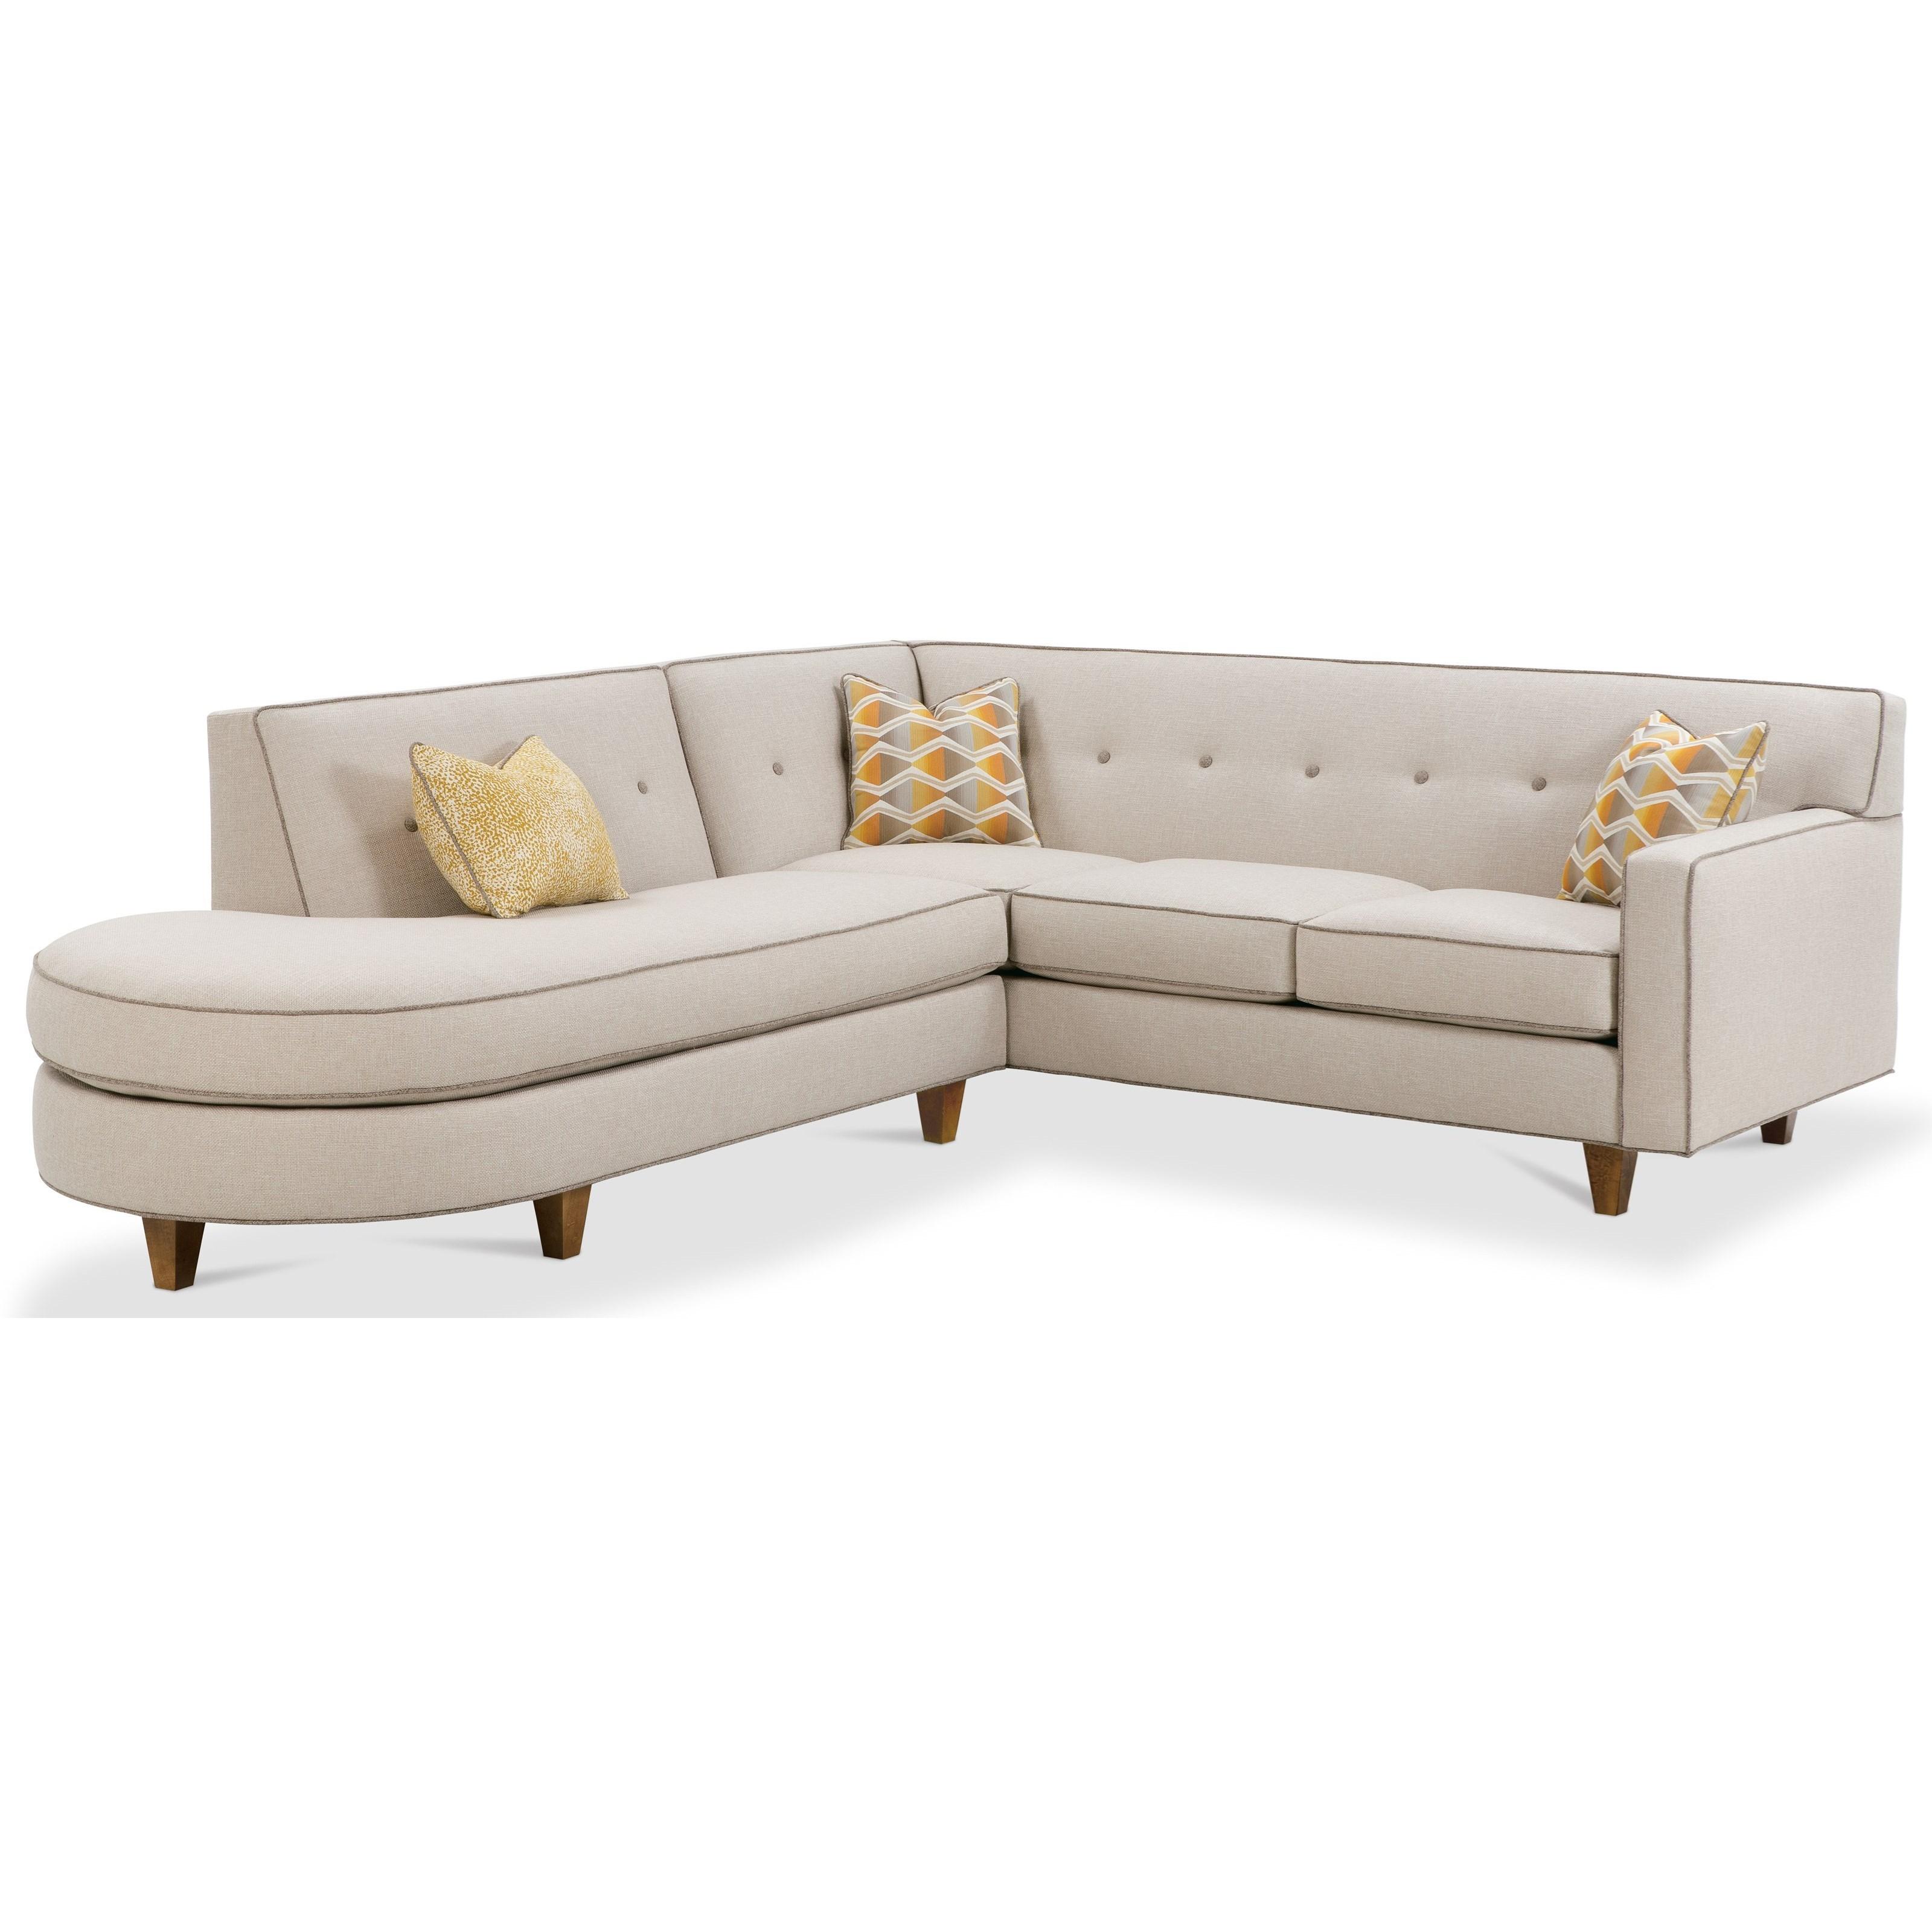 Rowe DorsetContemporary 2 Piece Sectional Sofa ...